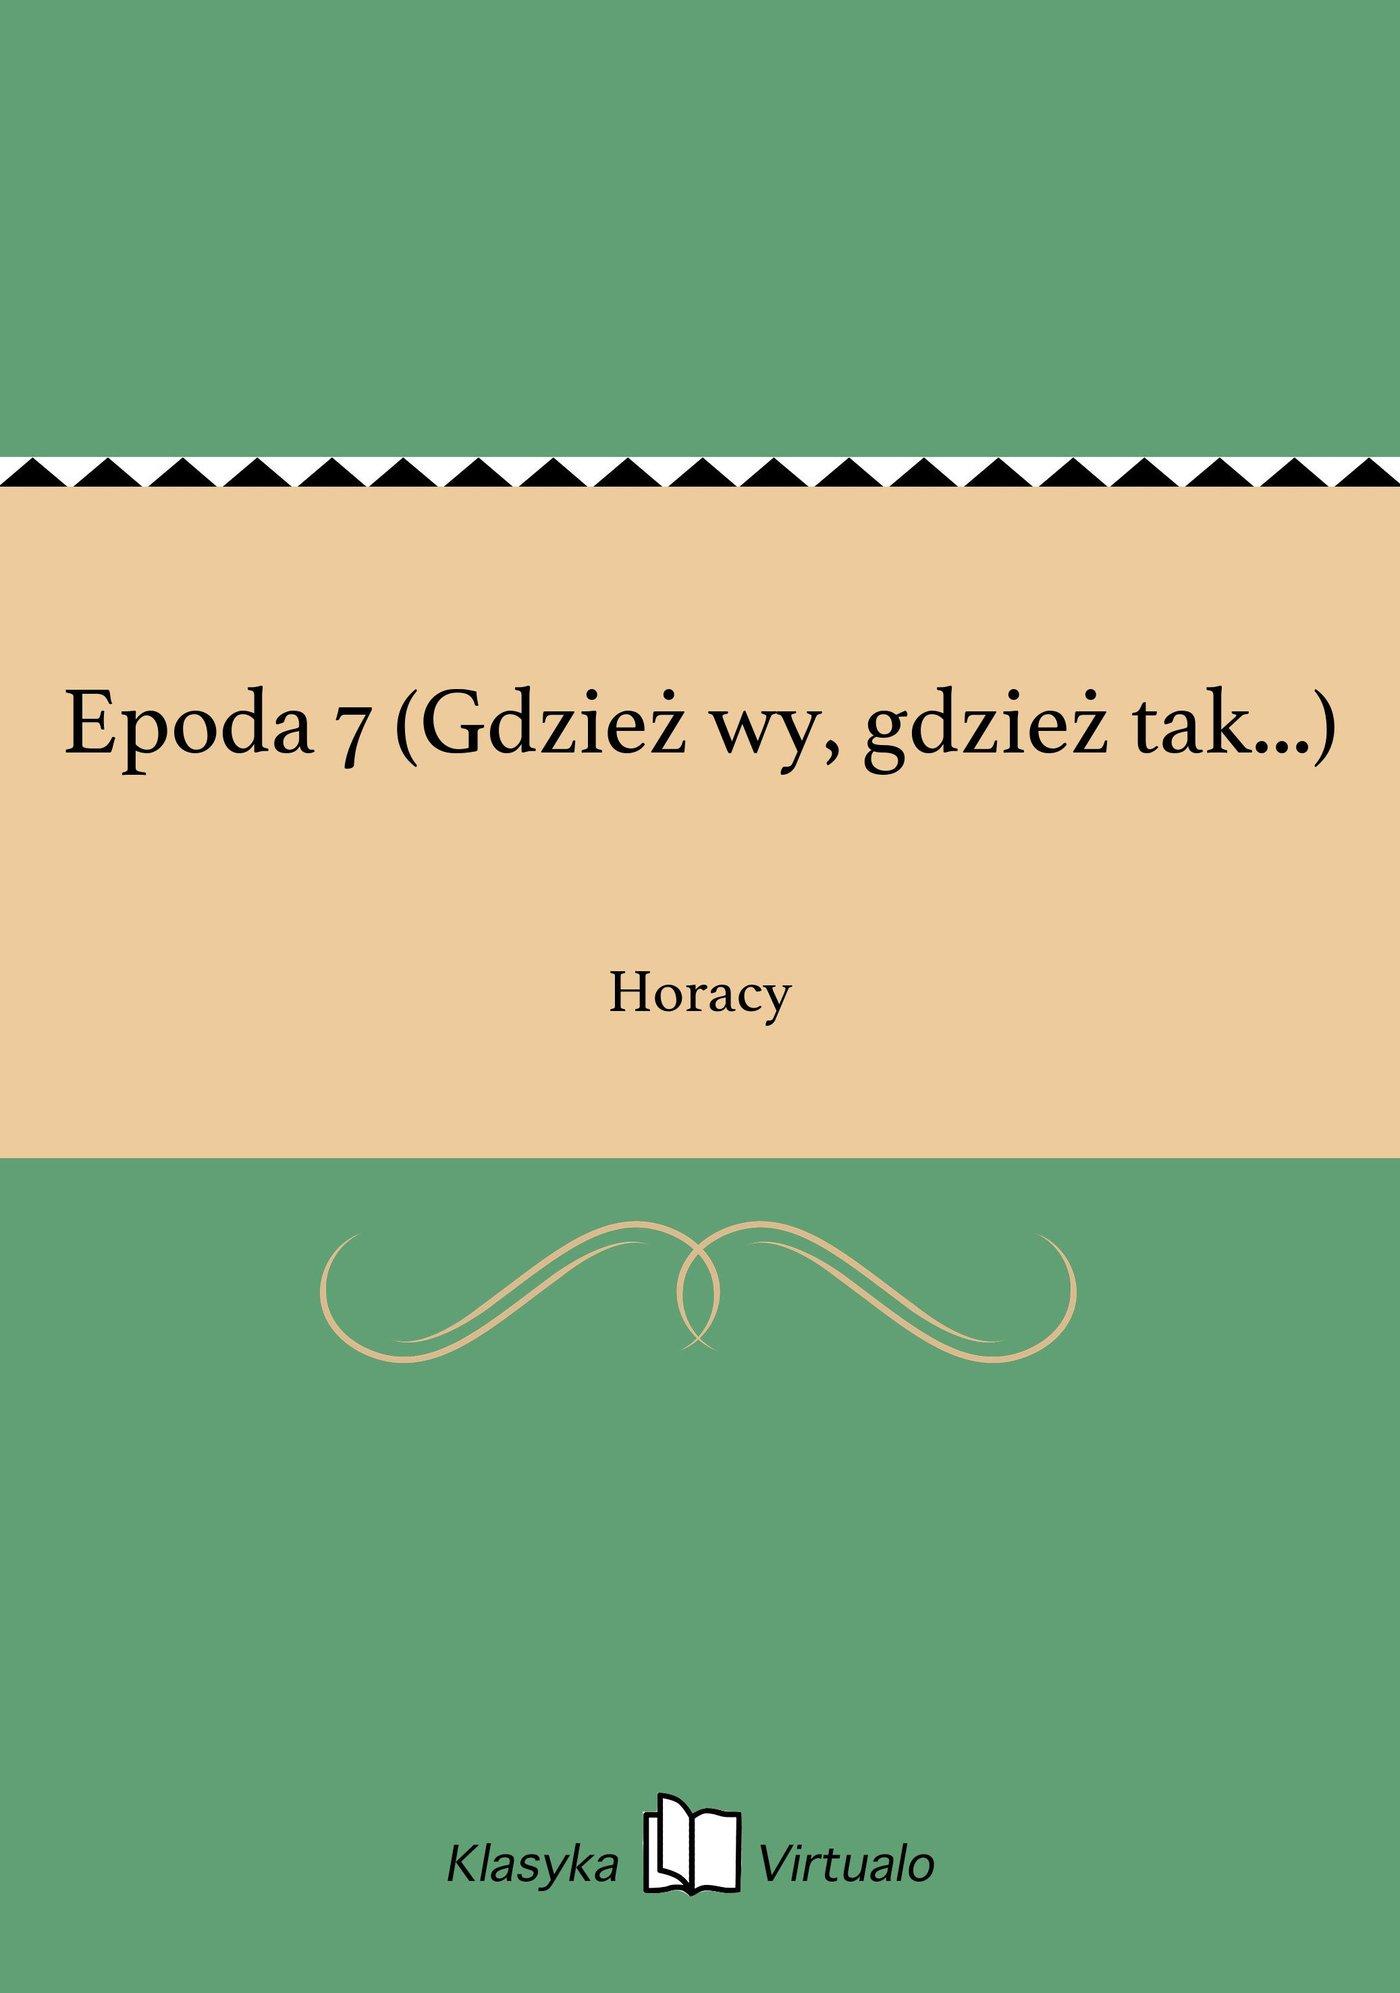 Epoda 7 (Gdzież wy, gdzież tak...) - Ebook (Książka EPUB) do pobrania w formacie EPUB